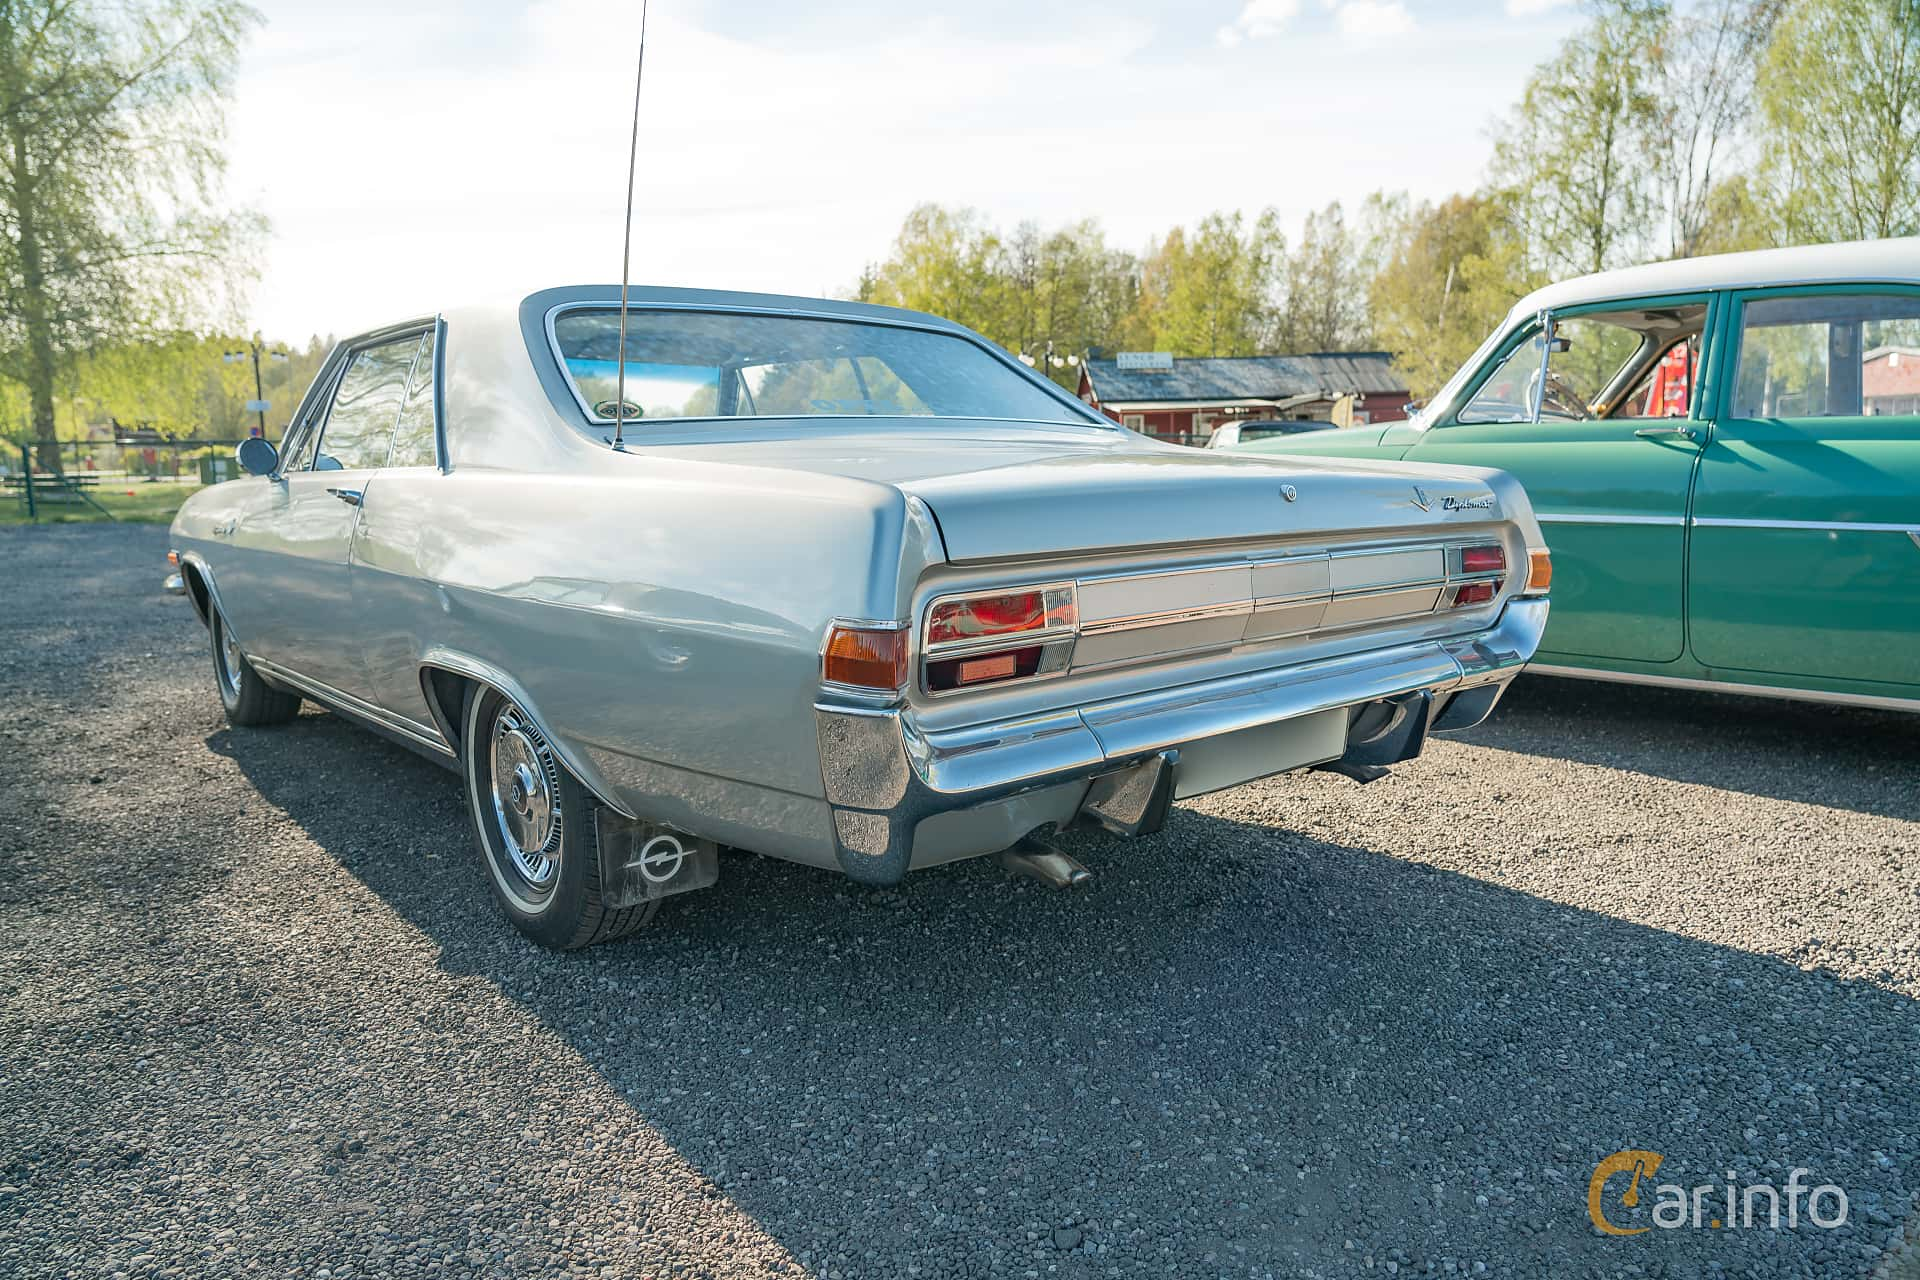 Opel Diplomat 4.6 V8 Manual, 190hp, 1966 at Lissma Classic Car 2019 vecka 20